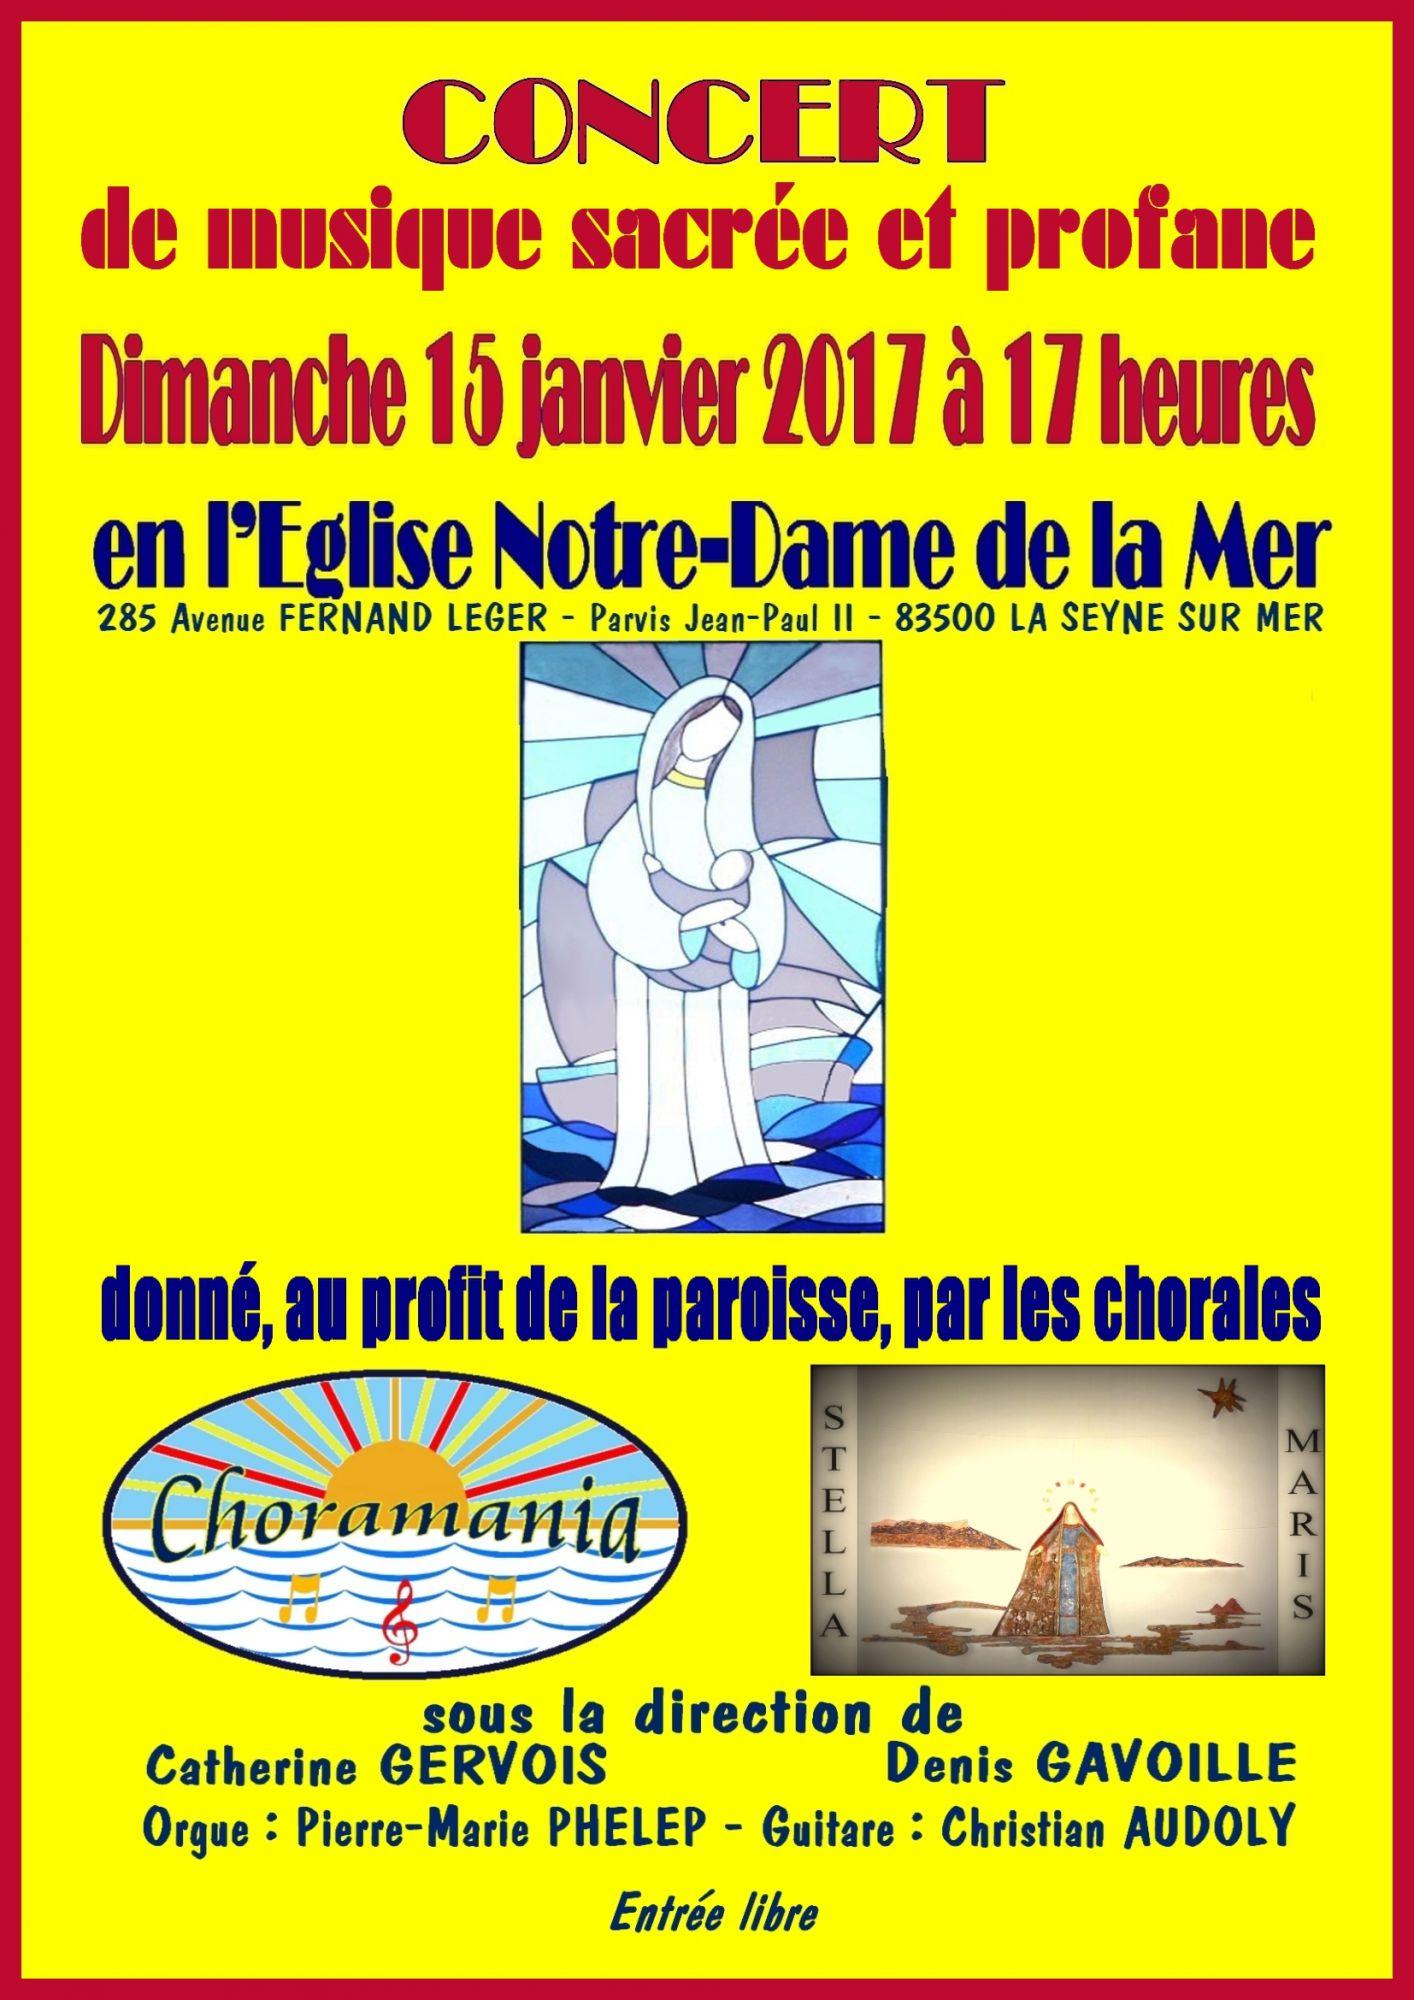 20170115-affiche-du-concert-du-15-janvier-2017-nd-de-la-mer